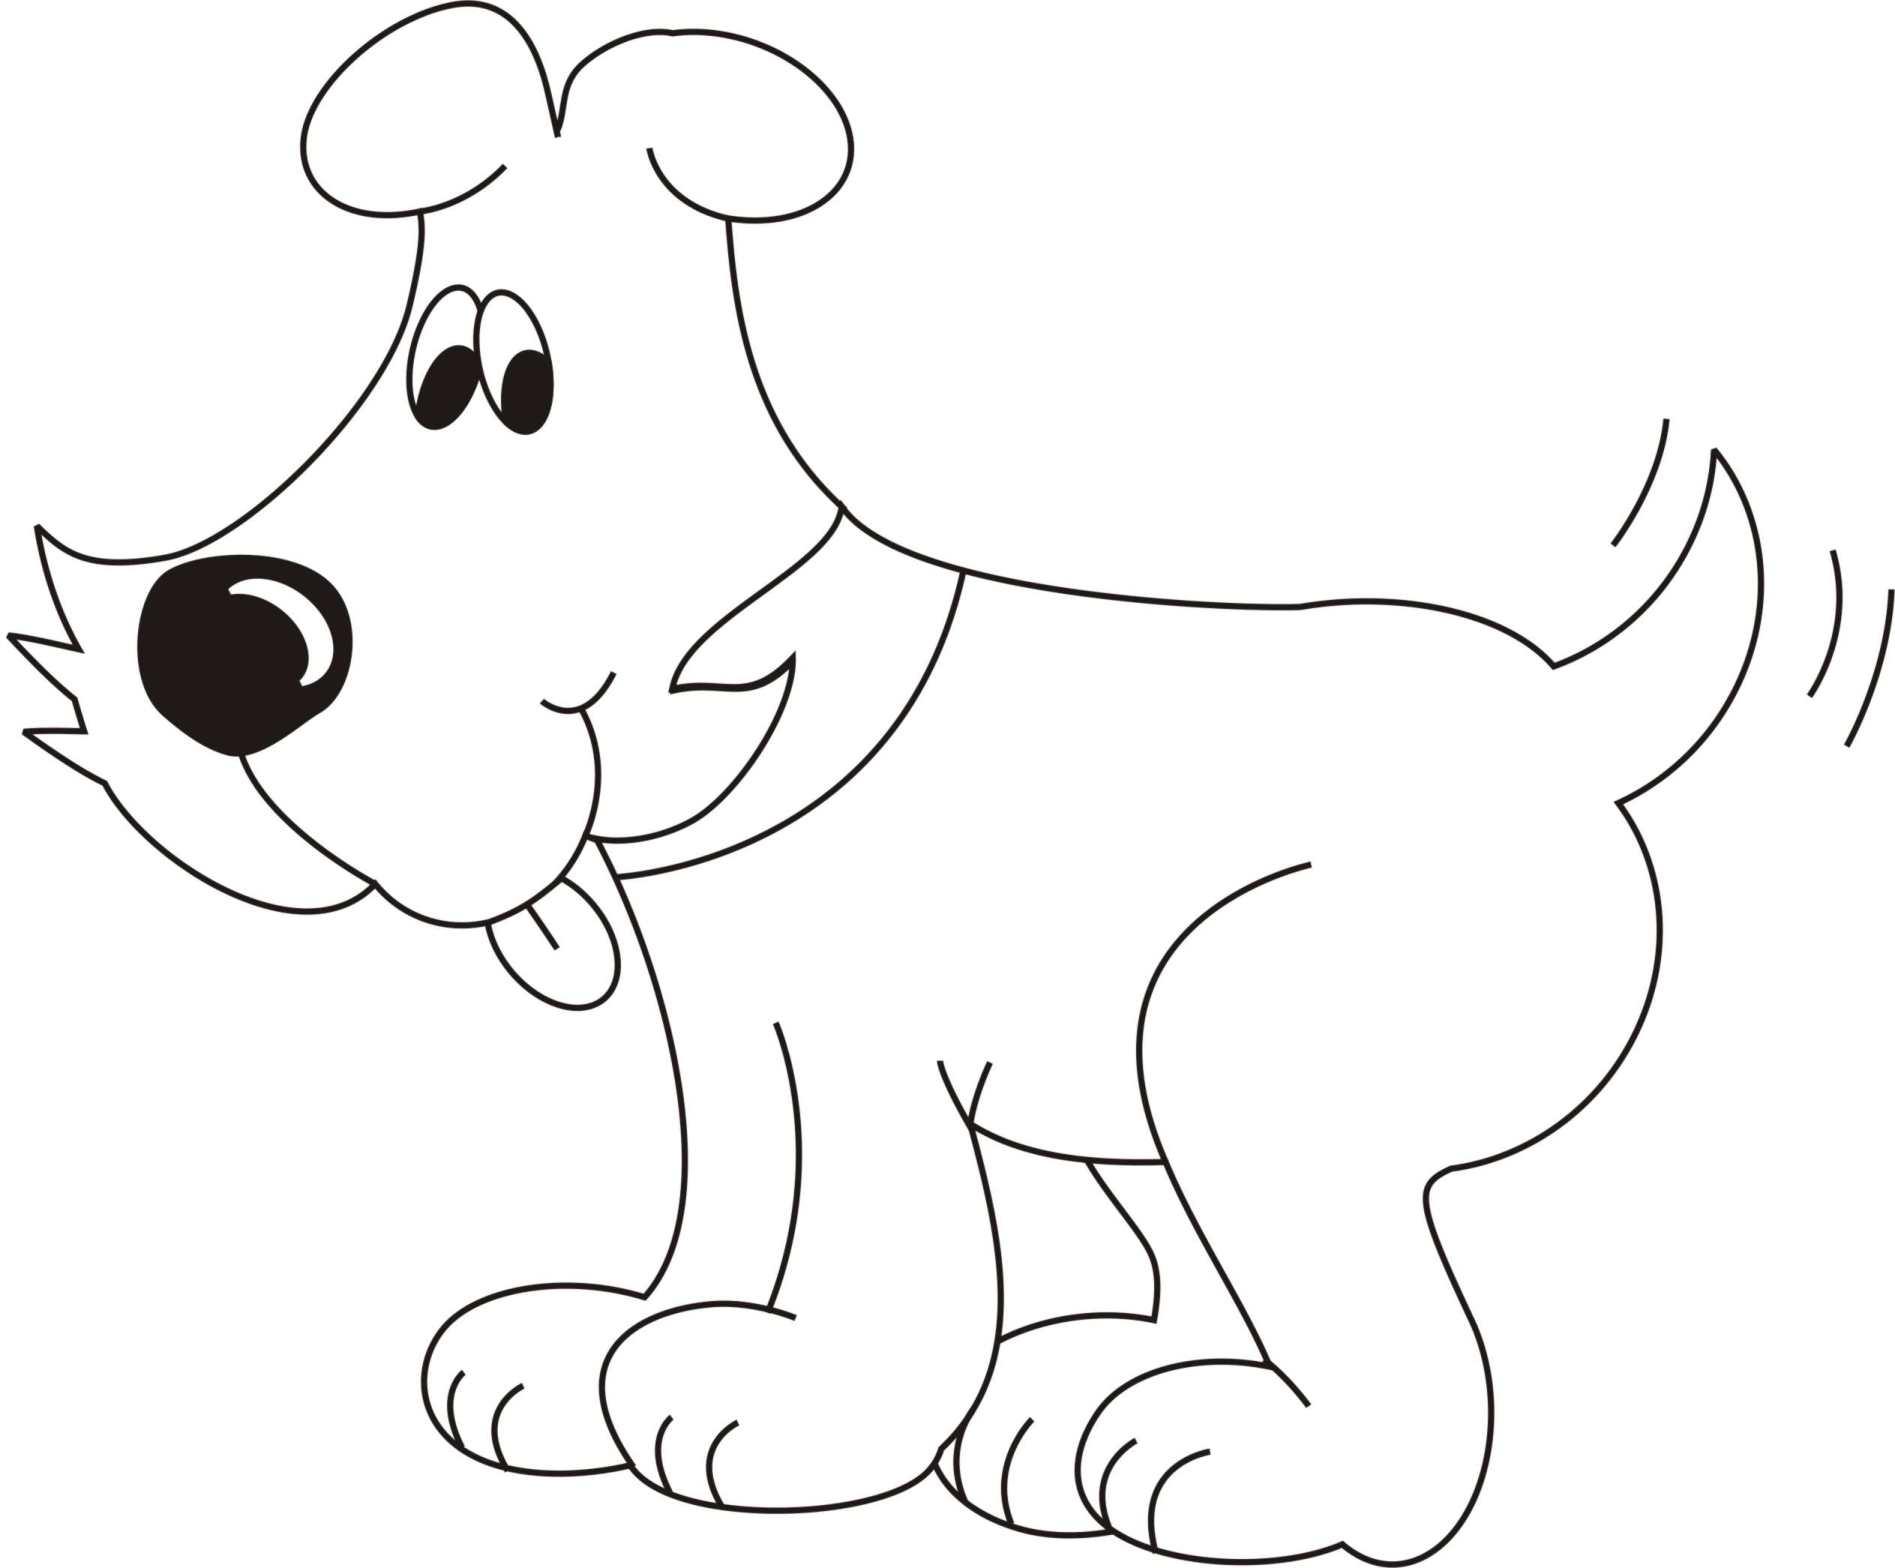 Образец картинки собаки